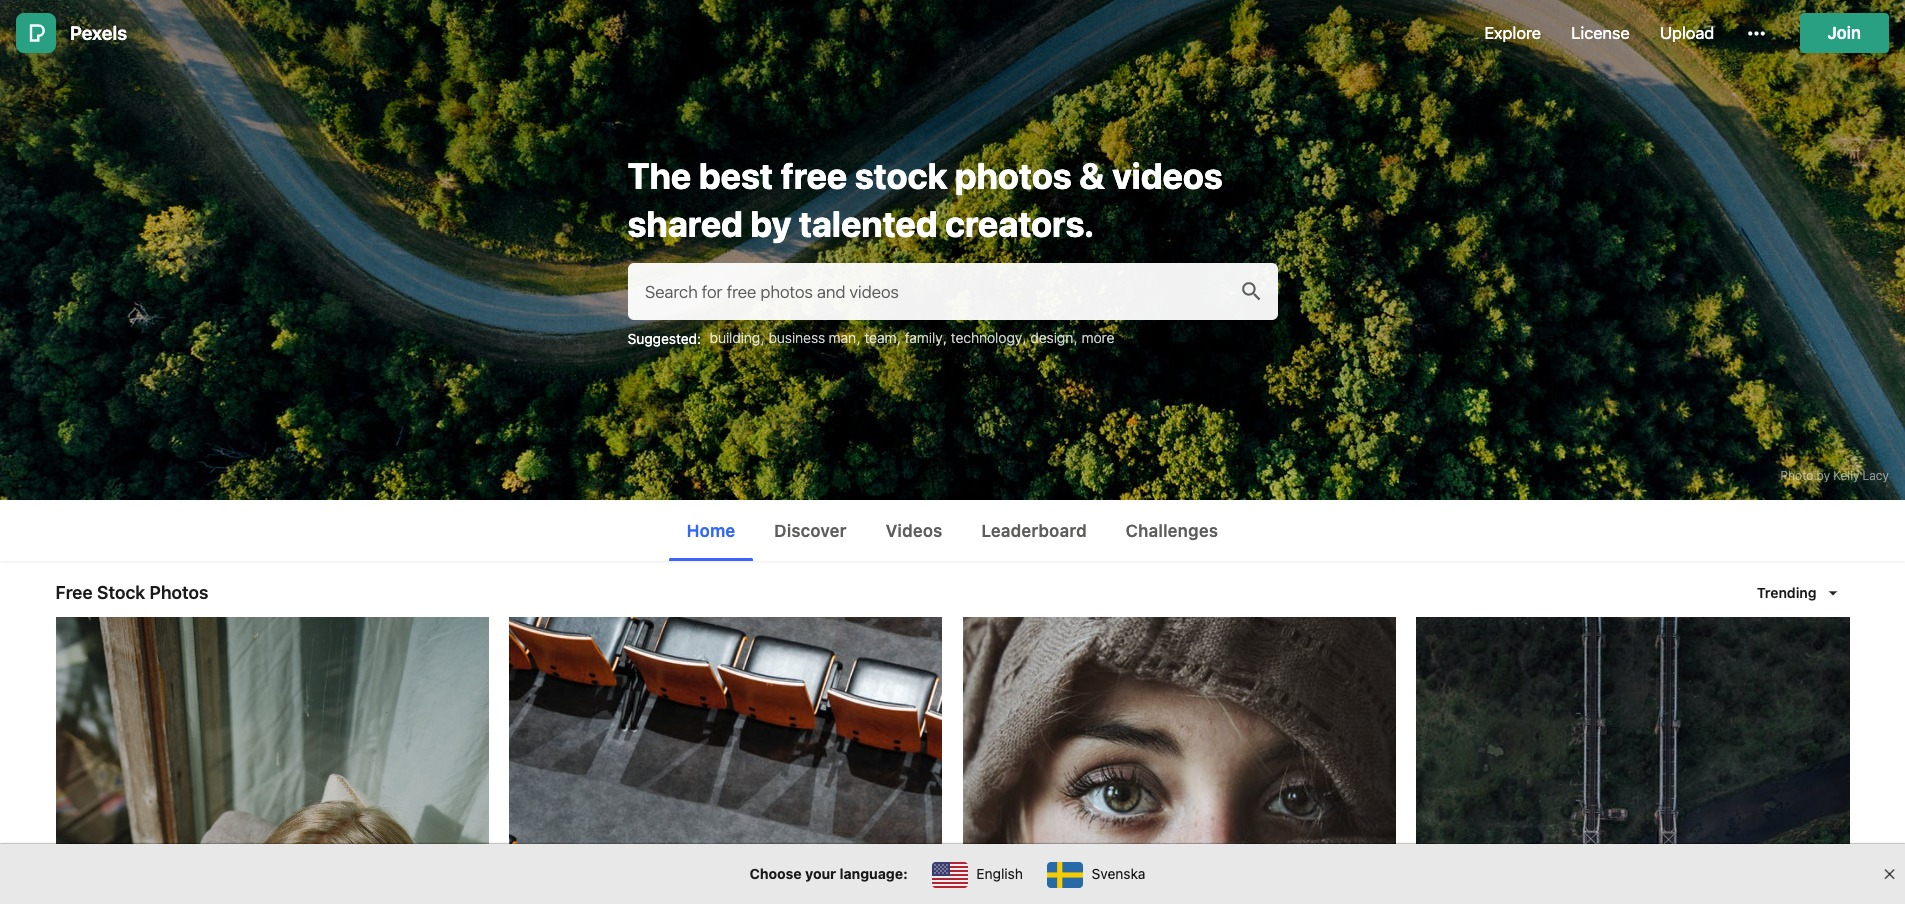 Gratis bilder från Pexels